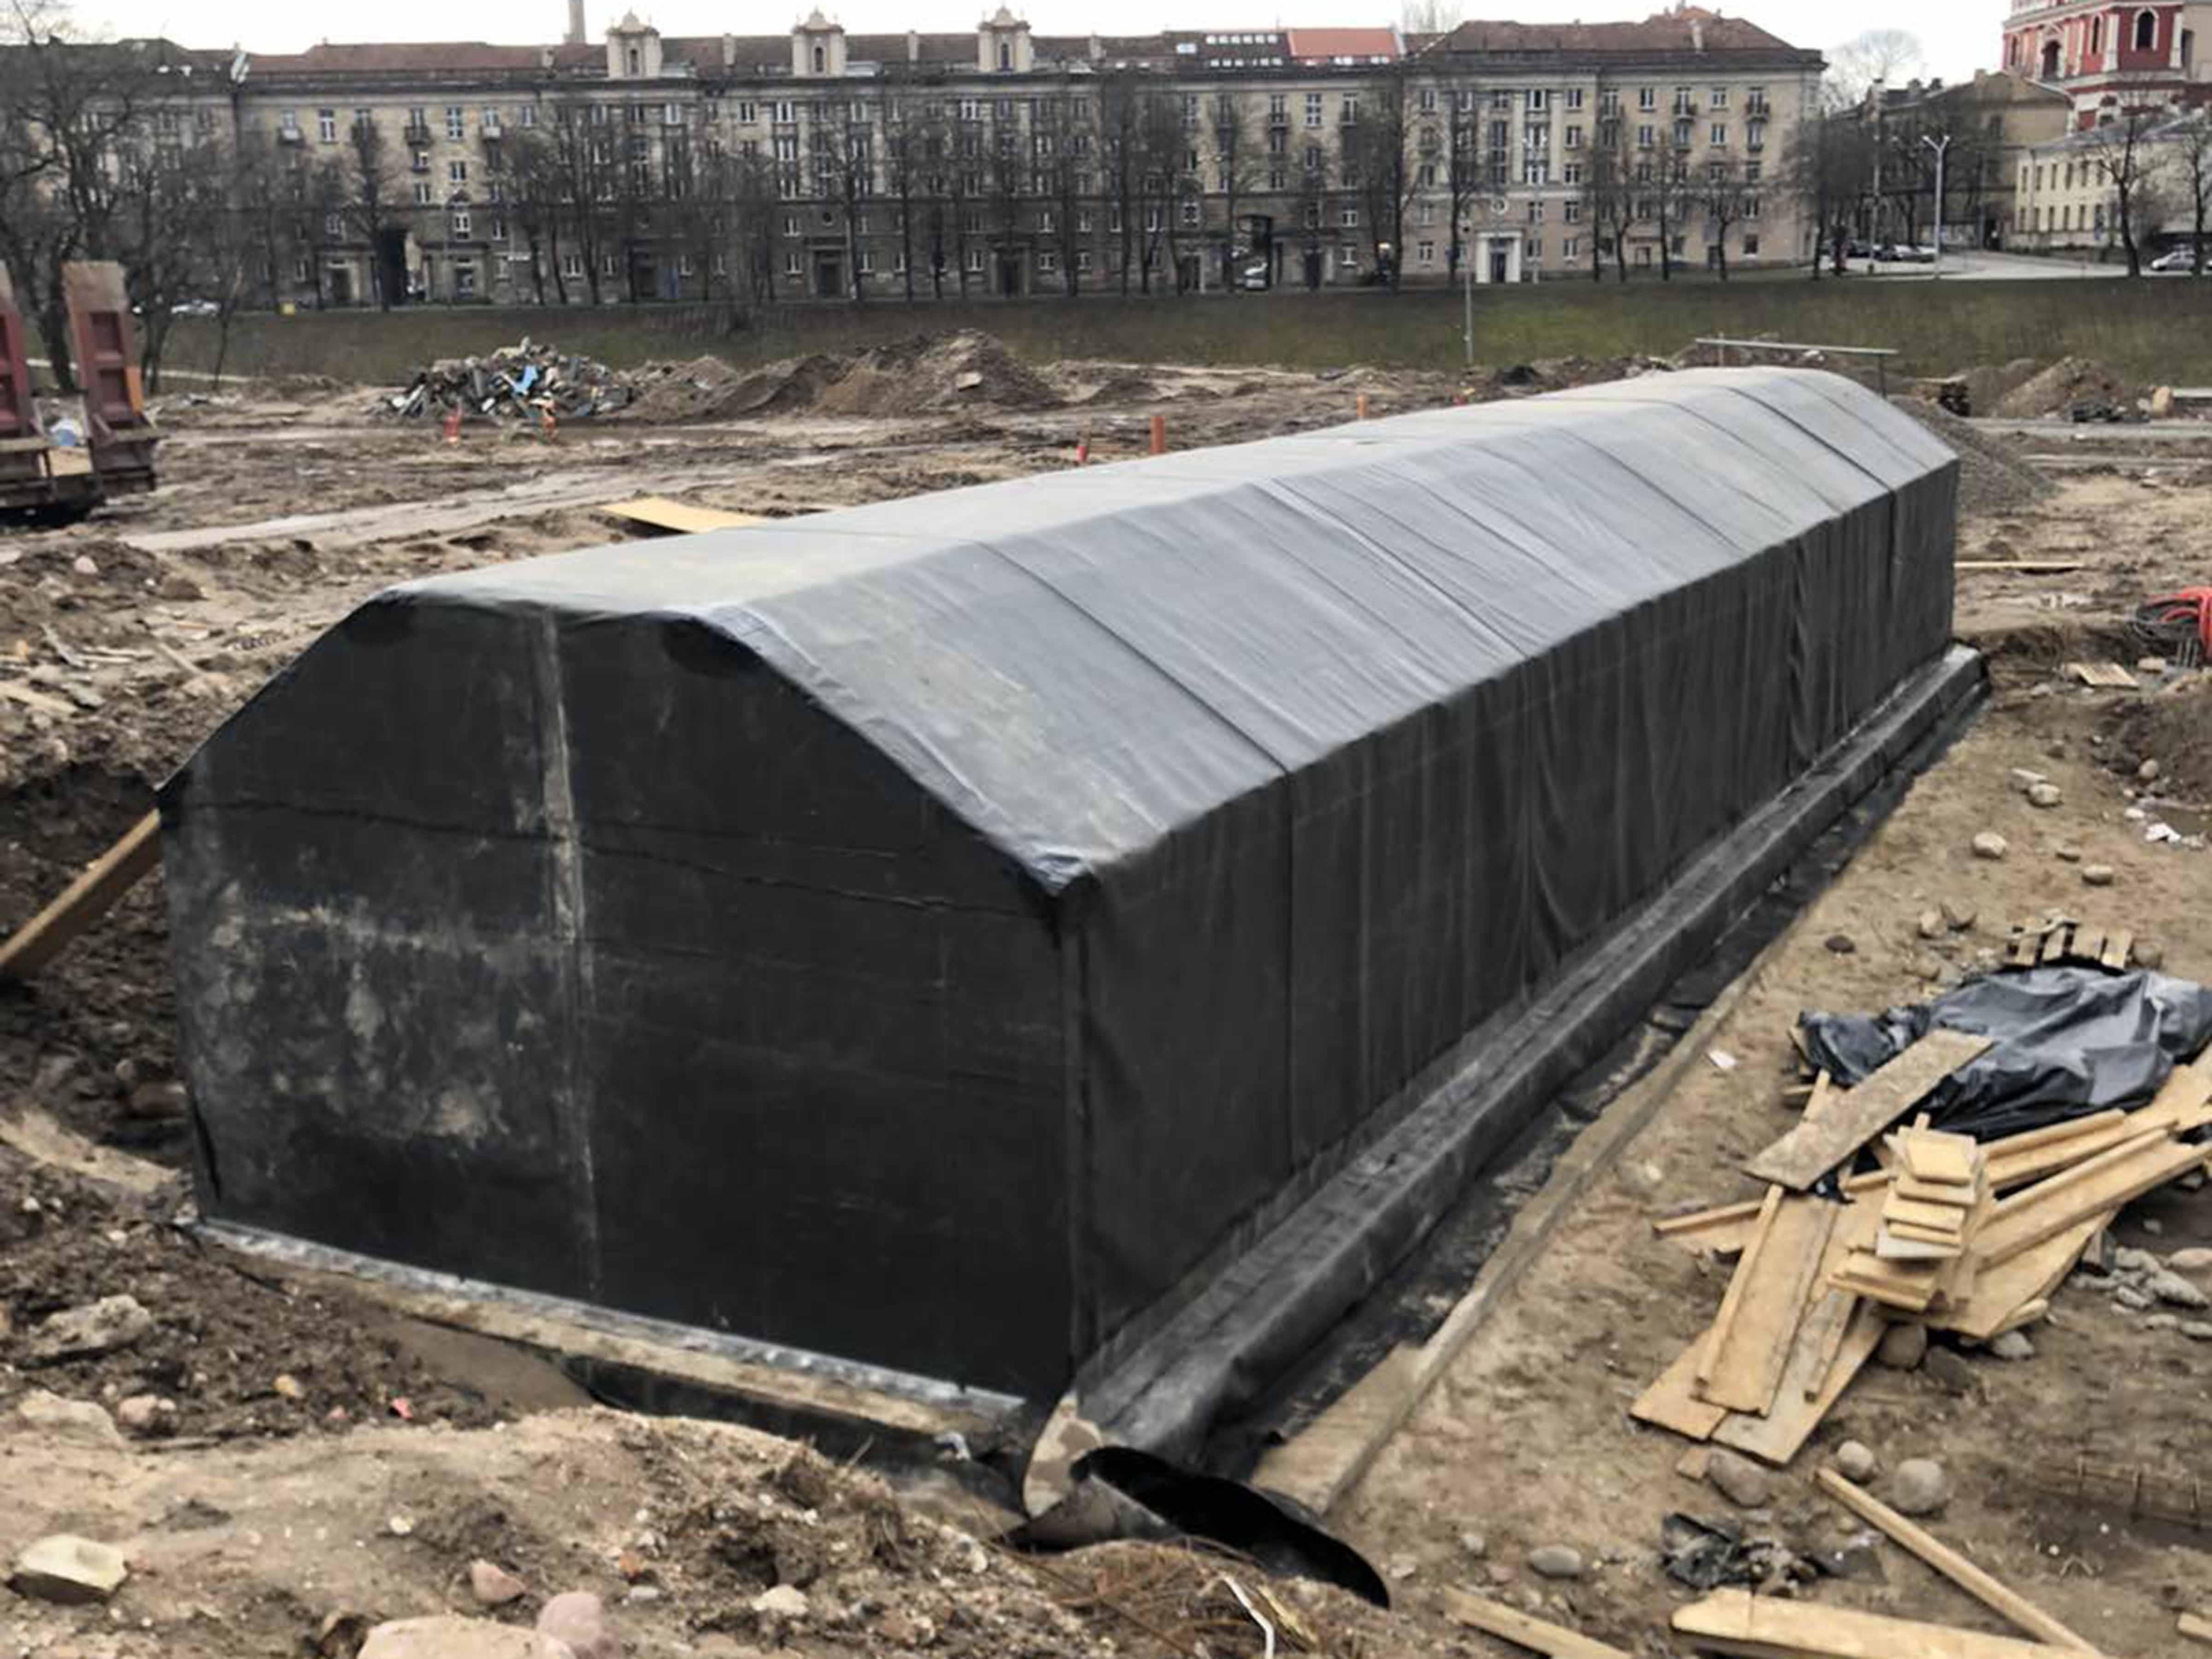 Požeminė persirengimo patalpa, Vilnius - 2020 m.